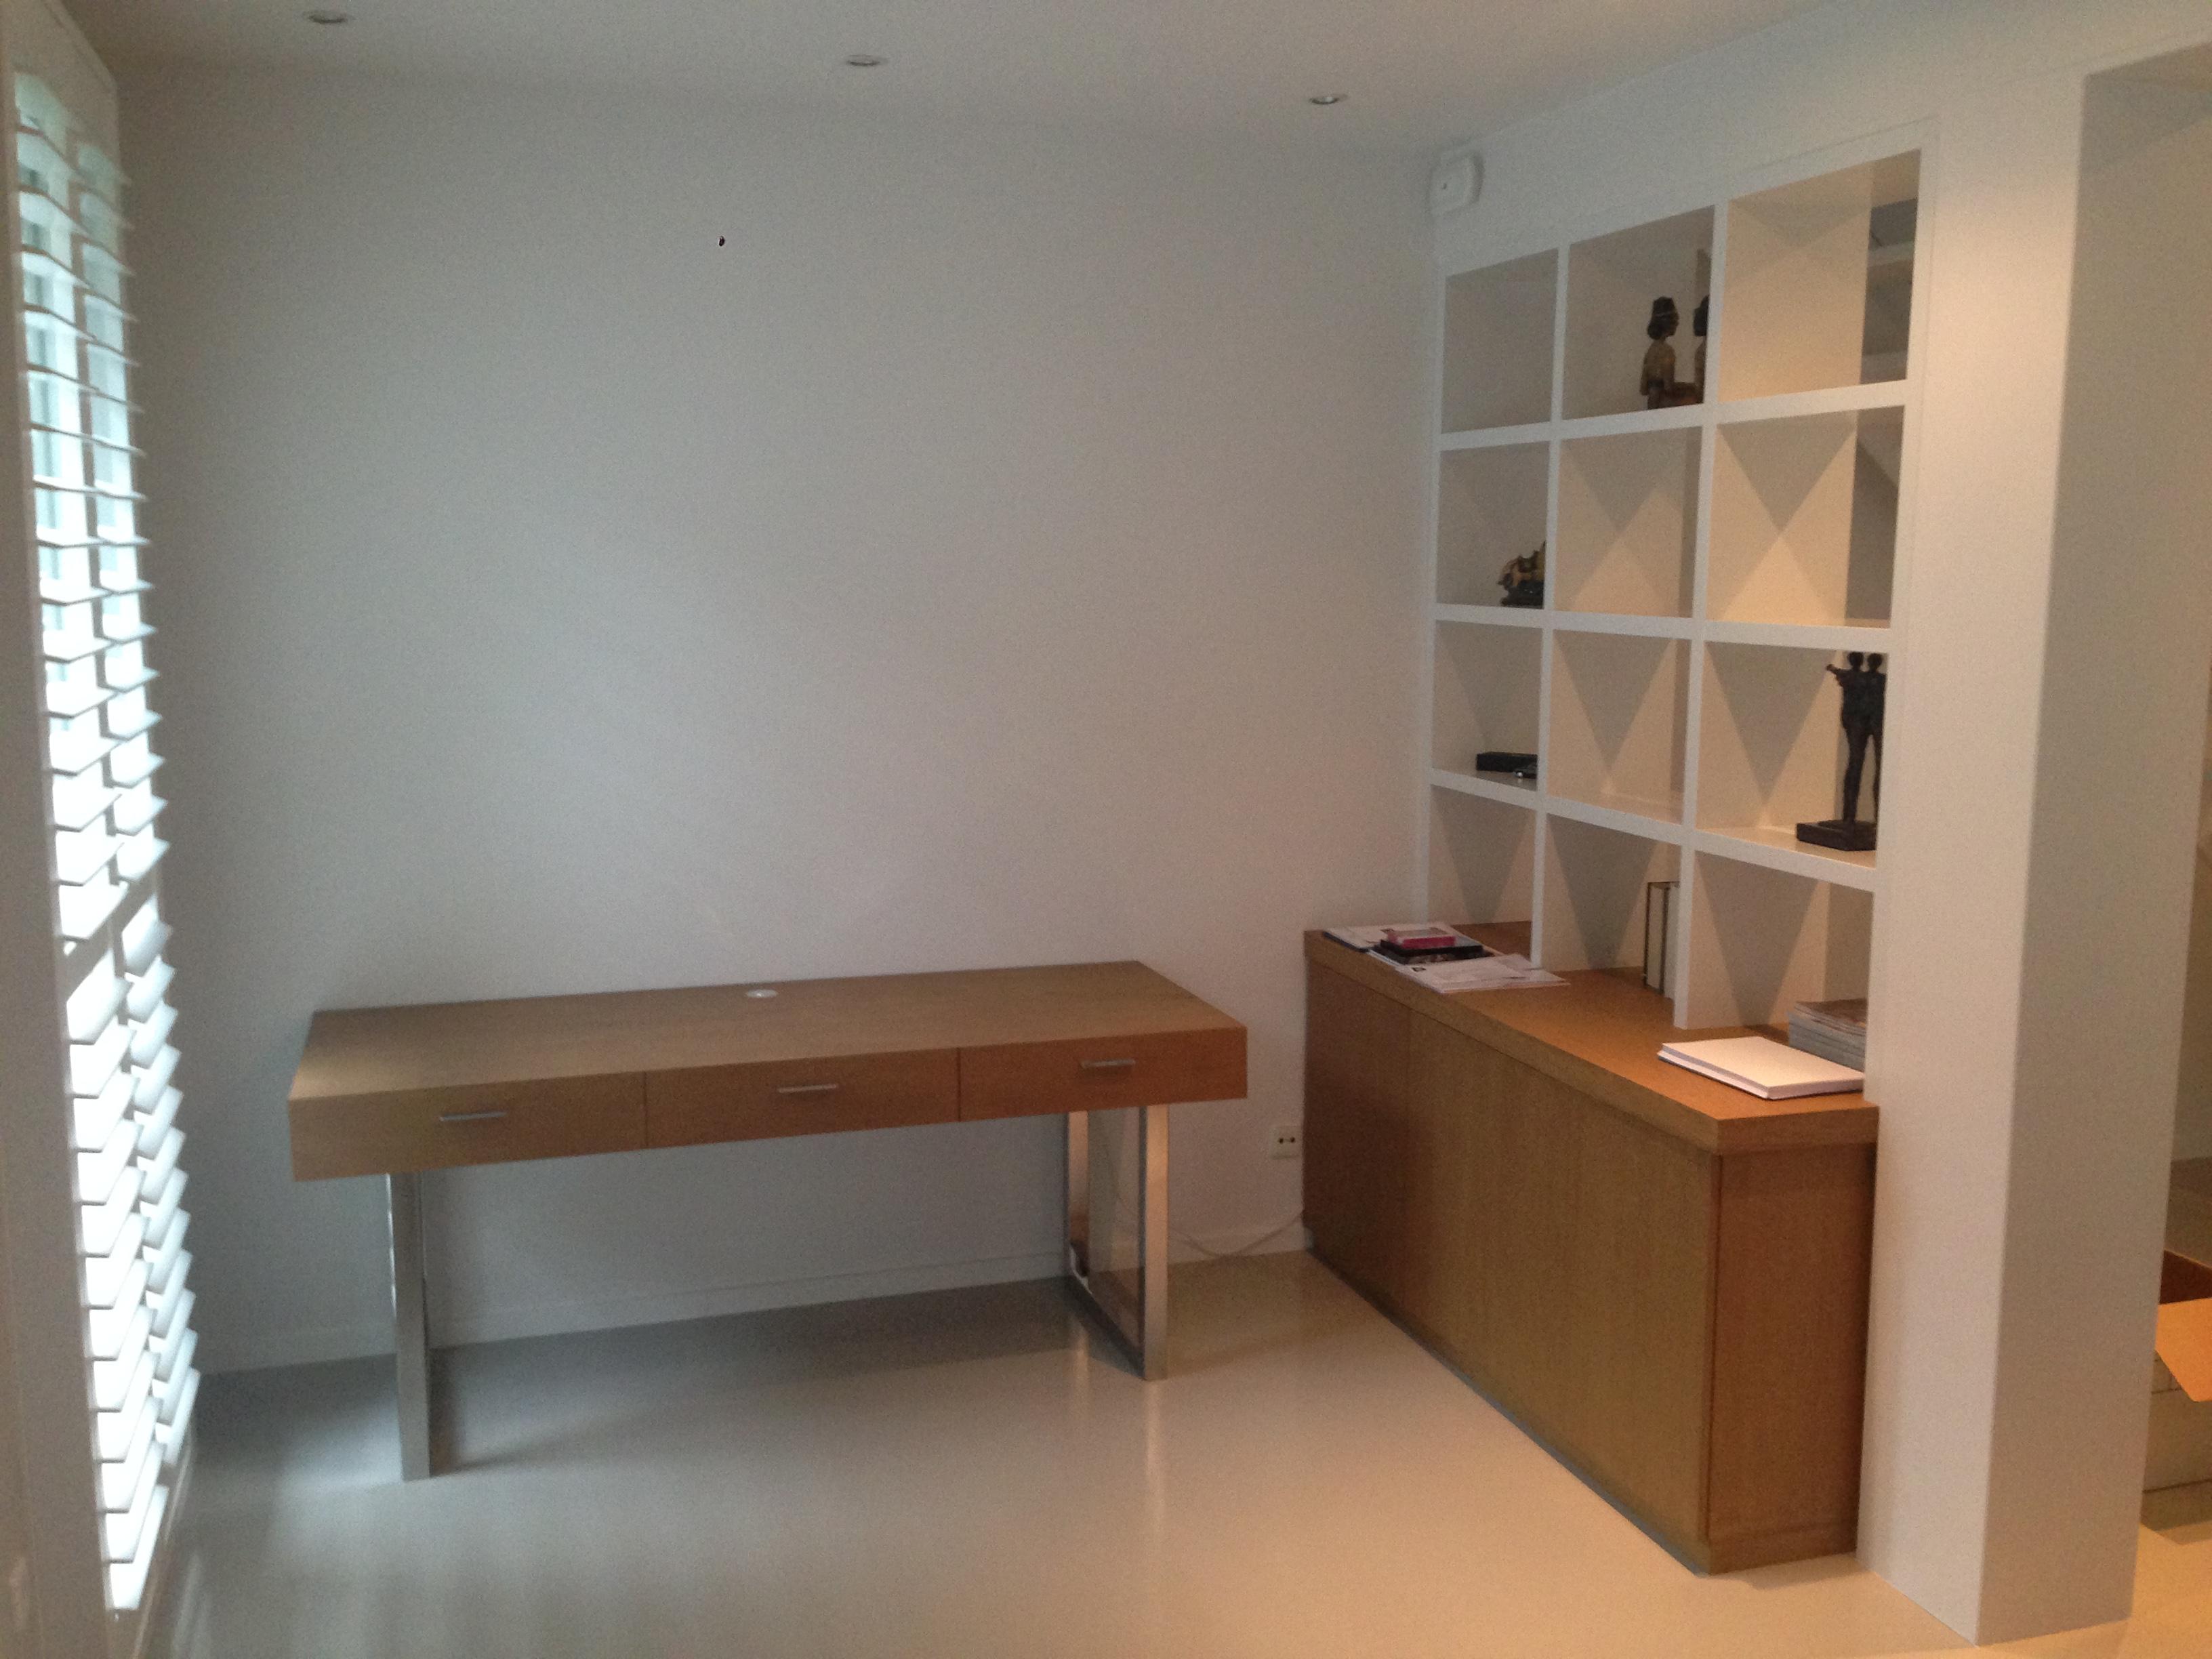 Kastenwand en bureau meubelmakerij van diemen